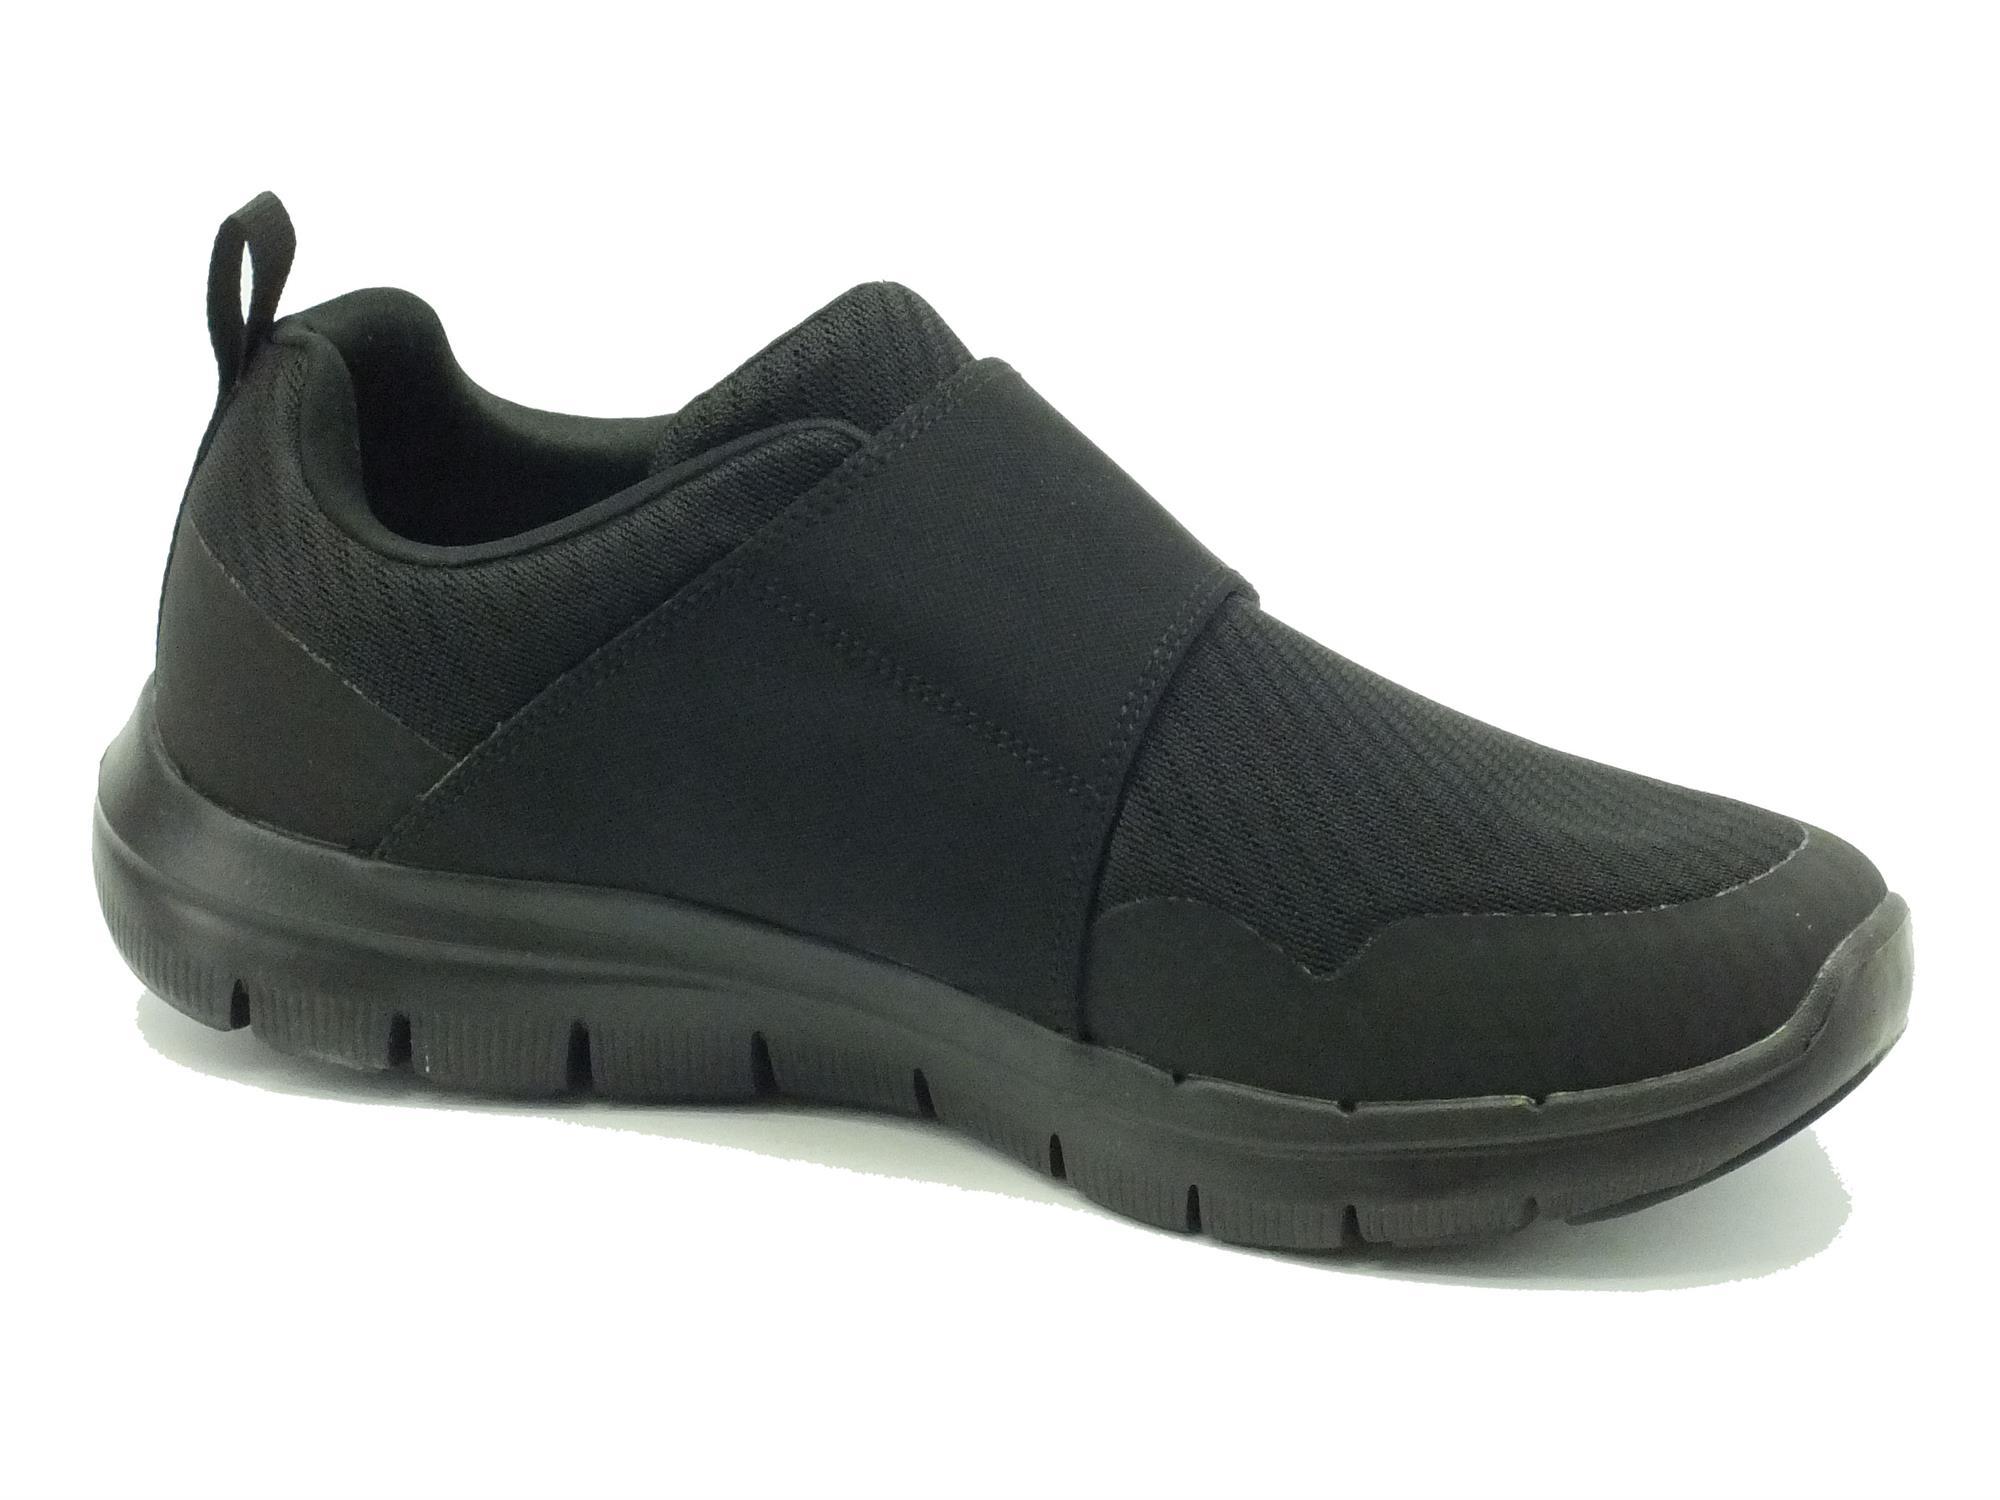 ... Scarpe Skechers Air-Cooled per uomo in tessuto nero chiusura a strappo  ... 19da8f50077